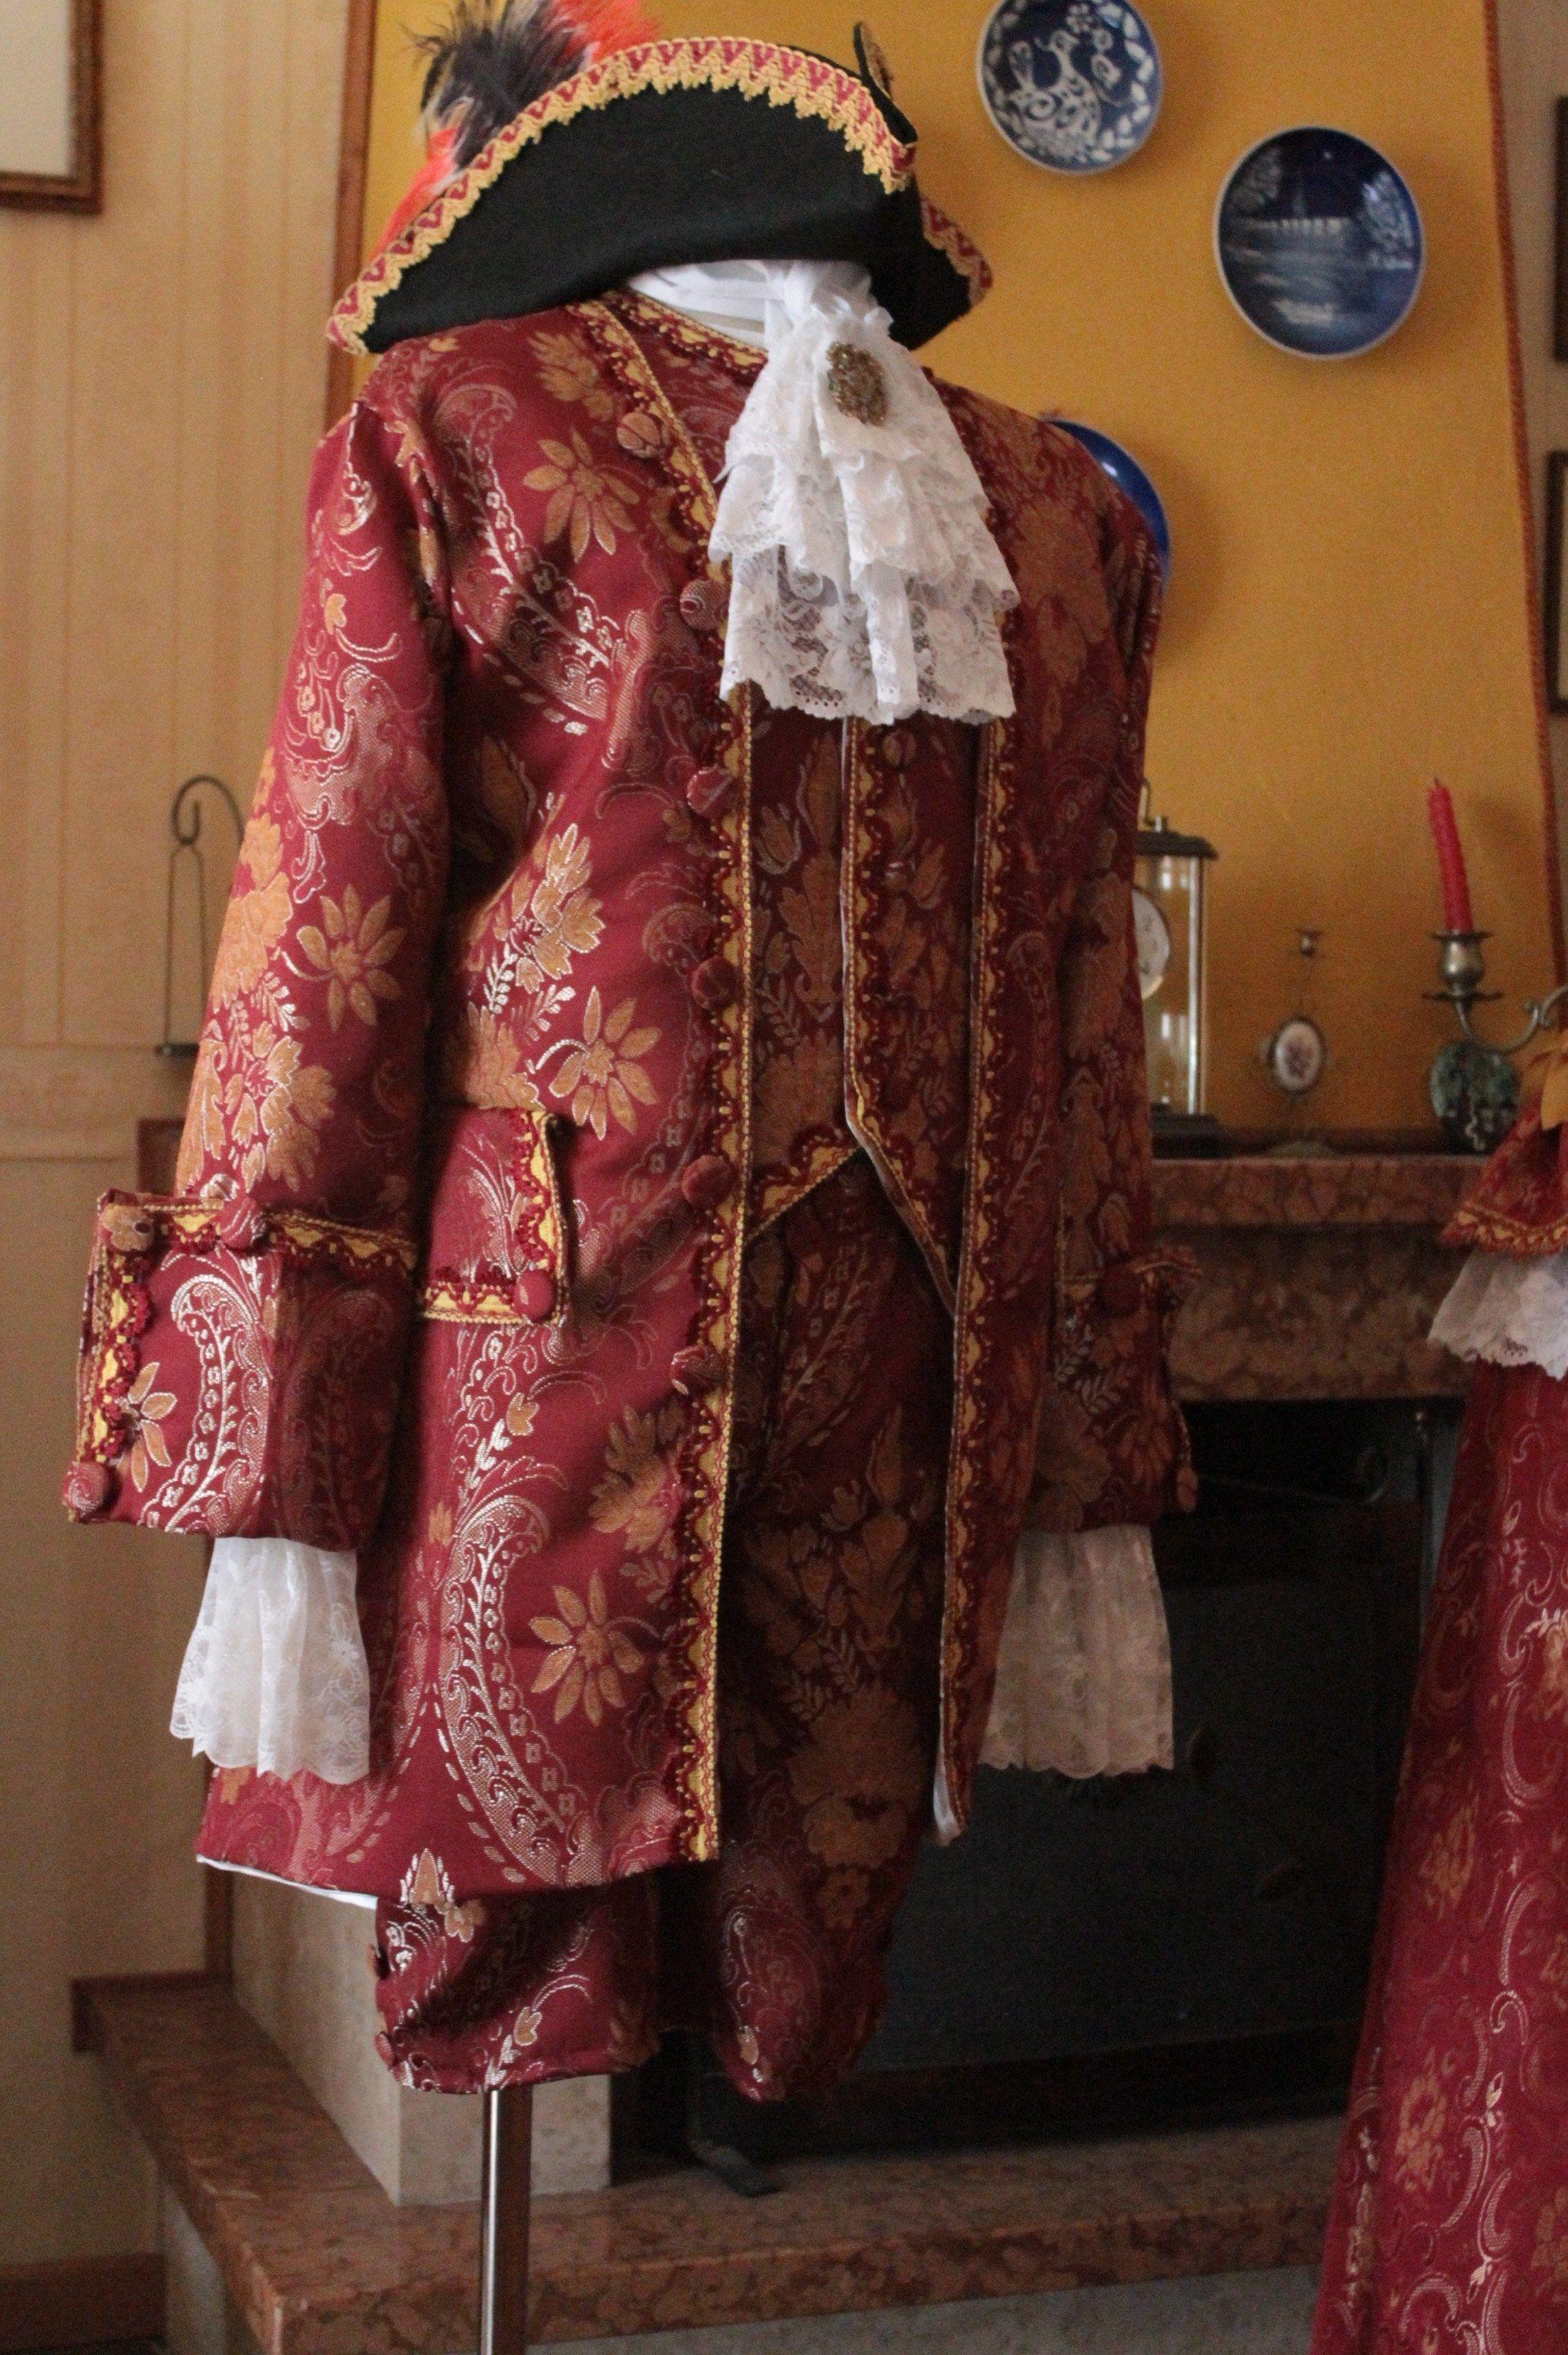 ABITO STORICO MASCHILE XVIII SECOLO ( 1750-1760)